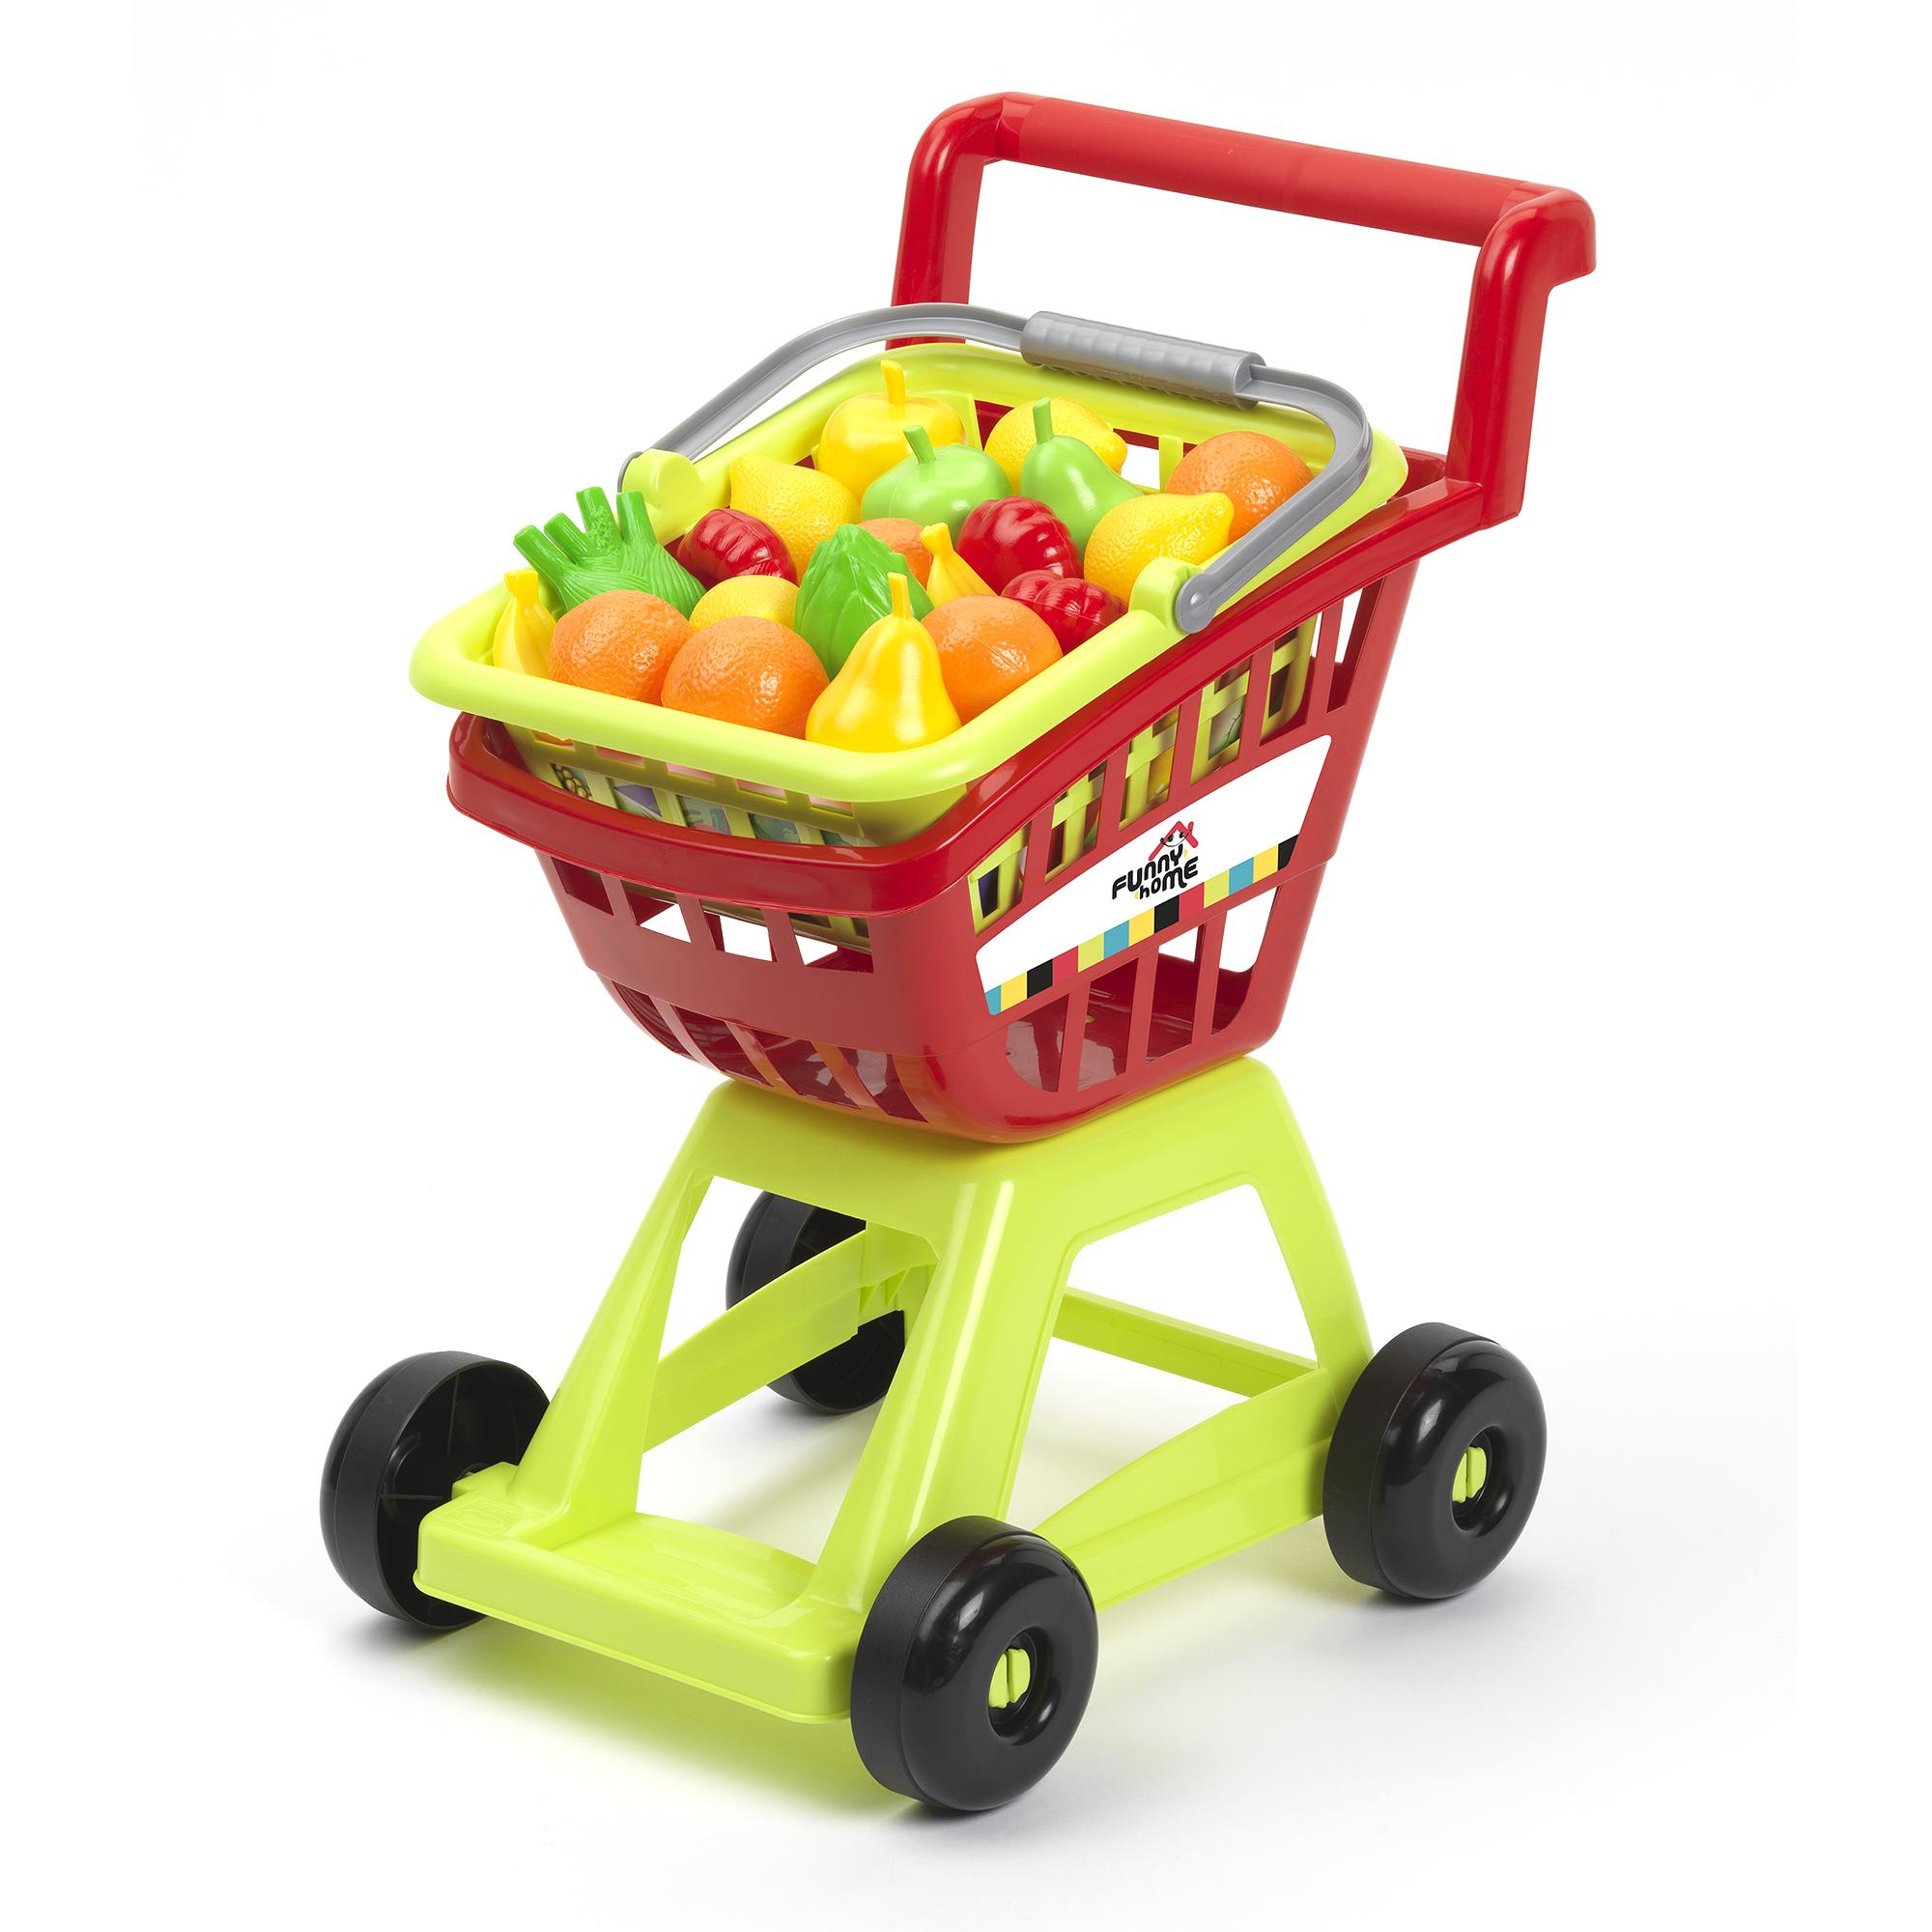 Carrello supermarket - FUNNY HOME